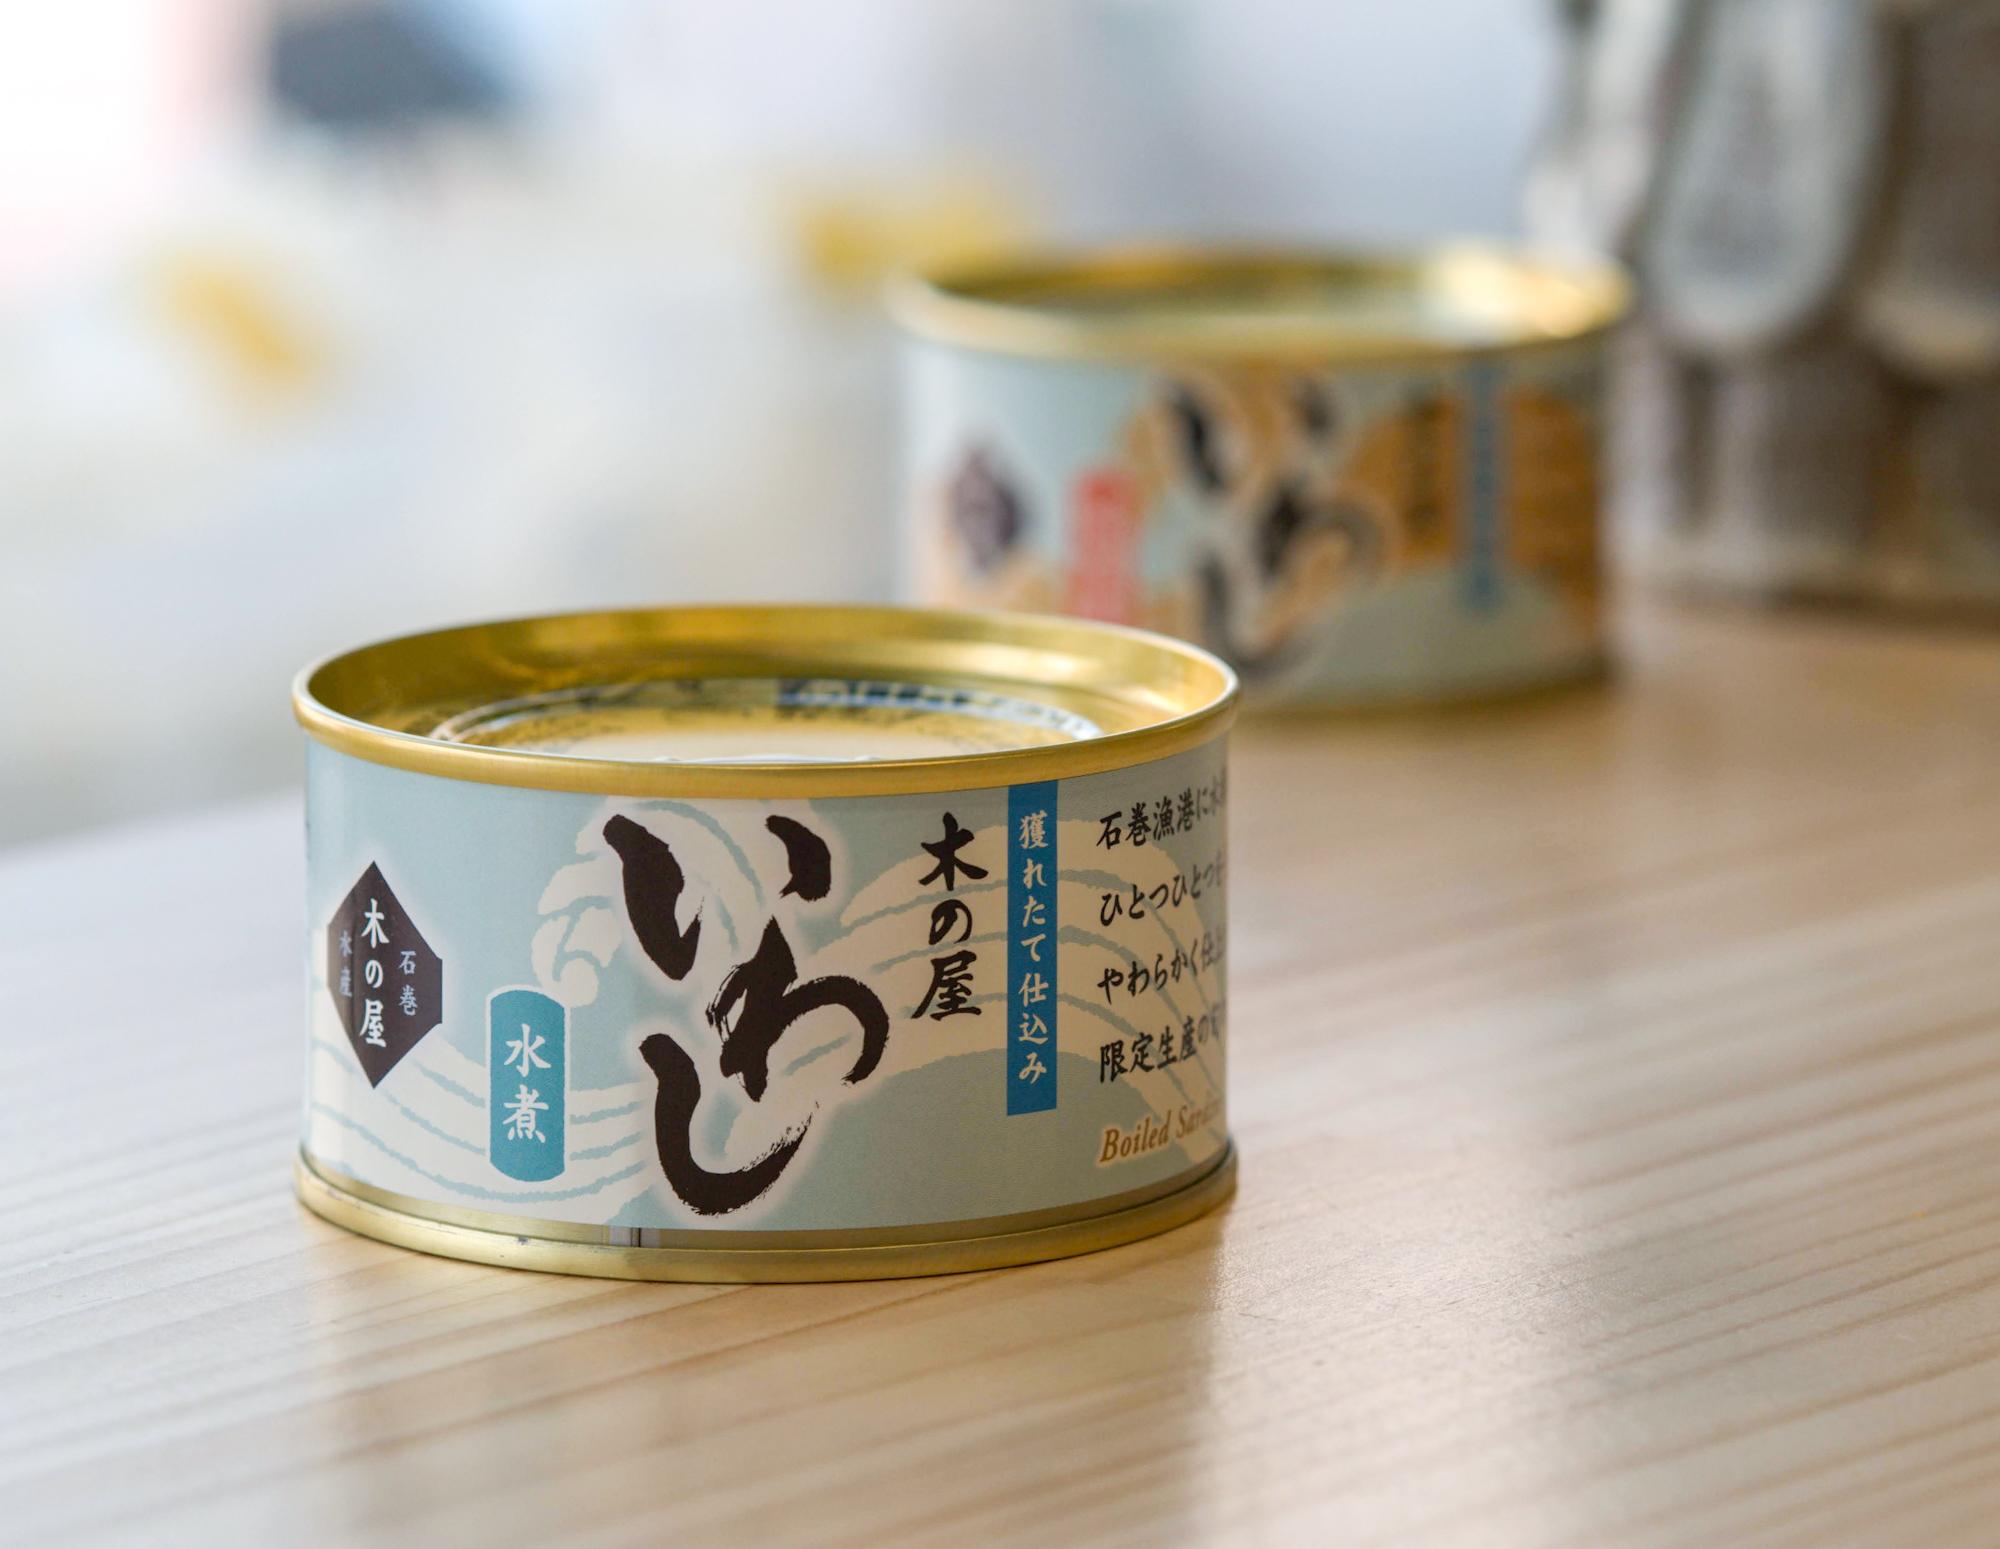 宮城県・石巻『いわし缶 水煮』